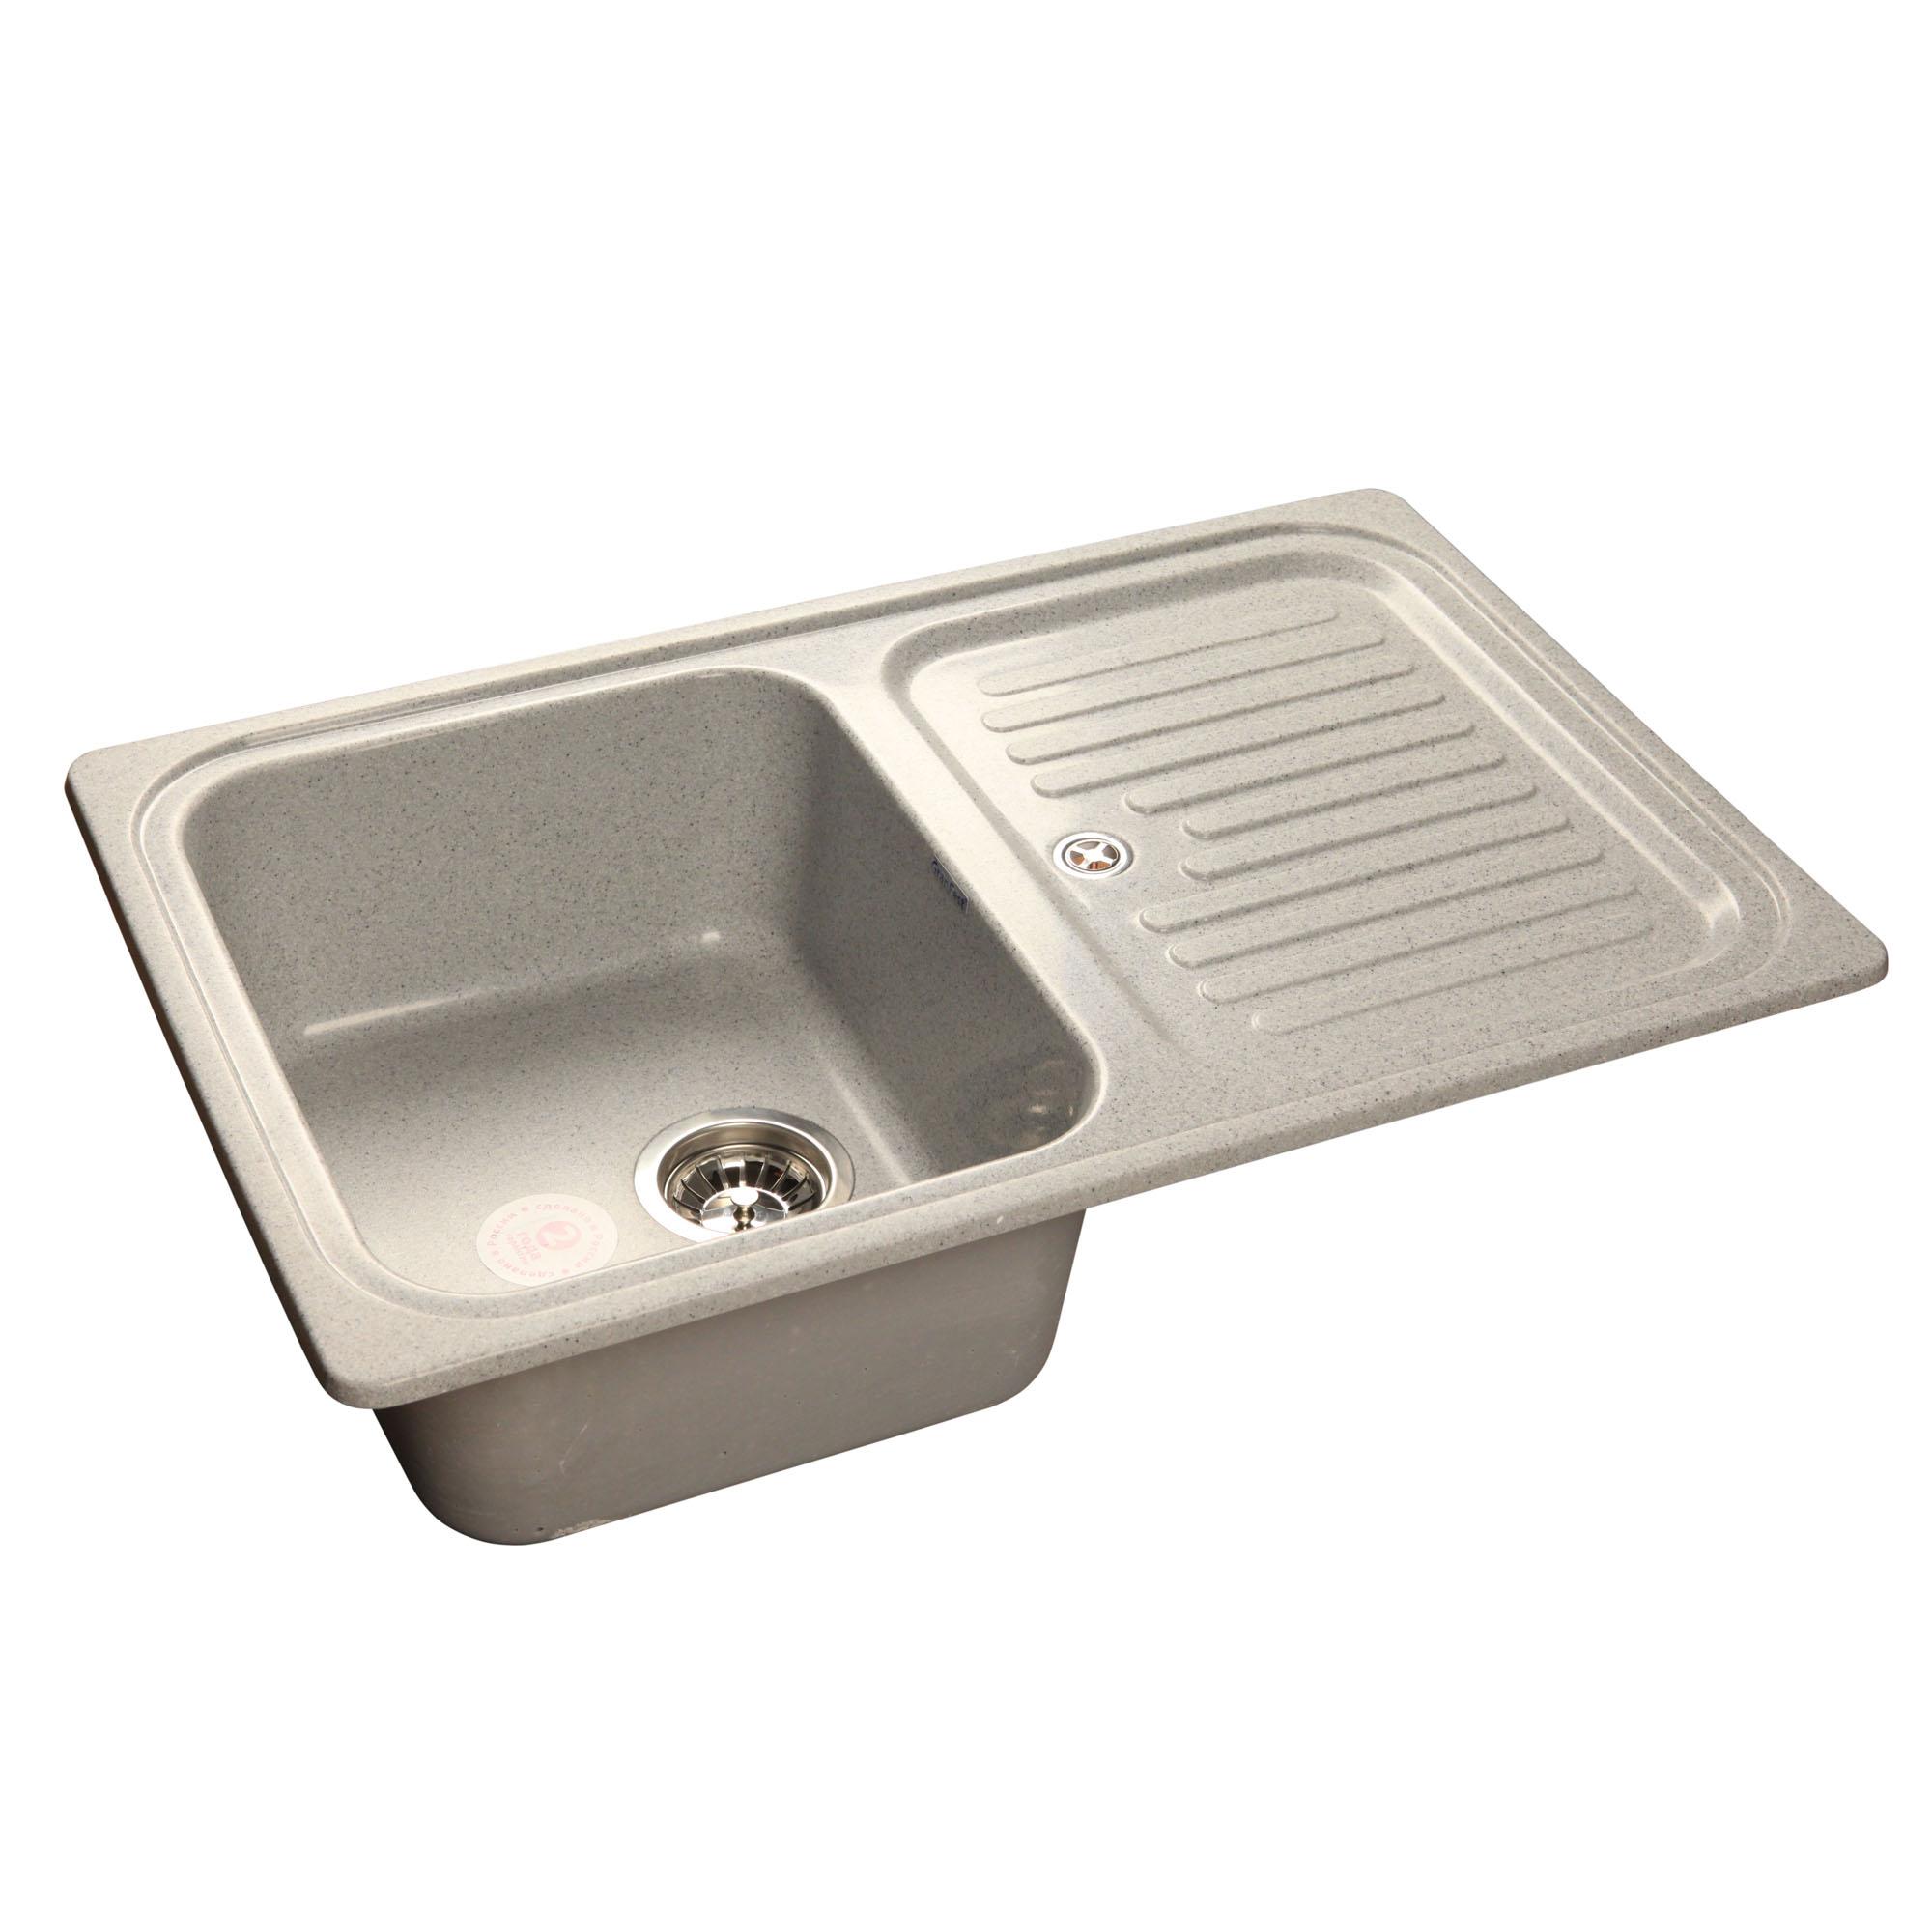 Кухонная мойка GranFest Standart GF-S780L серый granfest gf s780l песочный